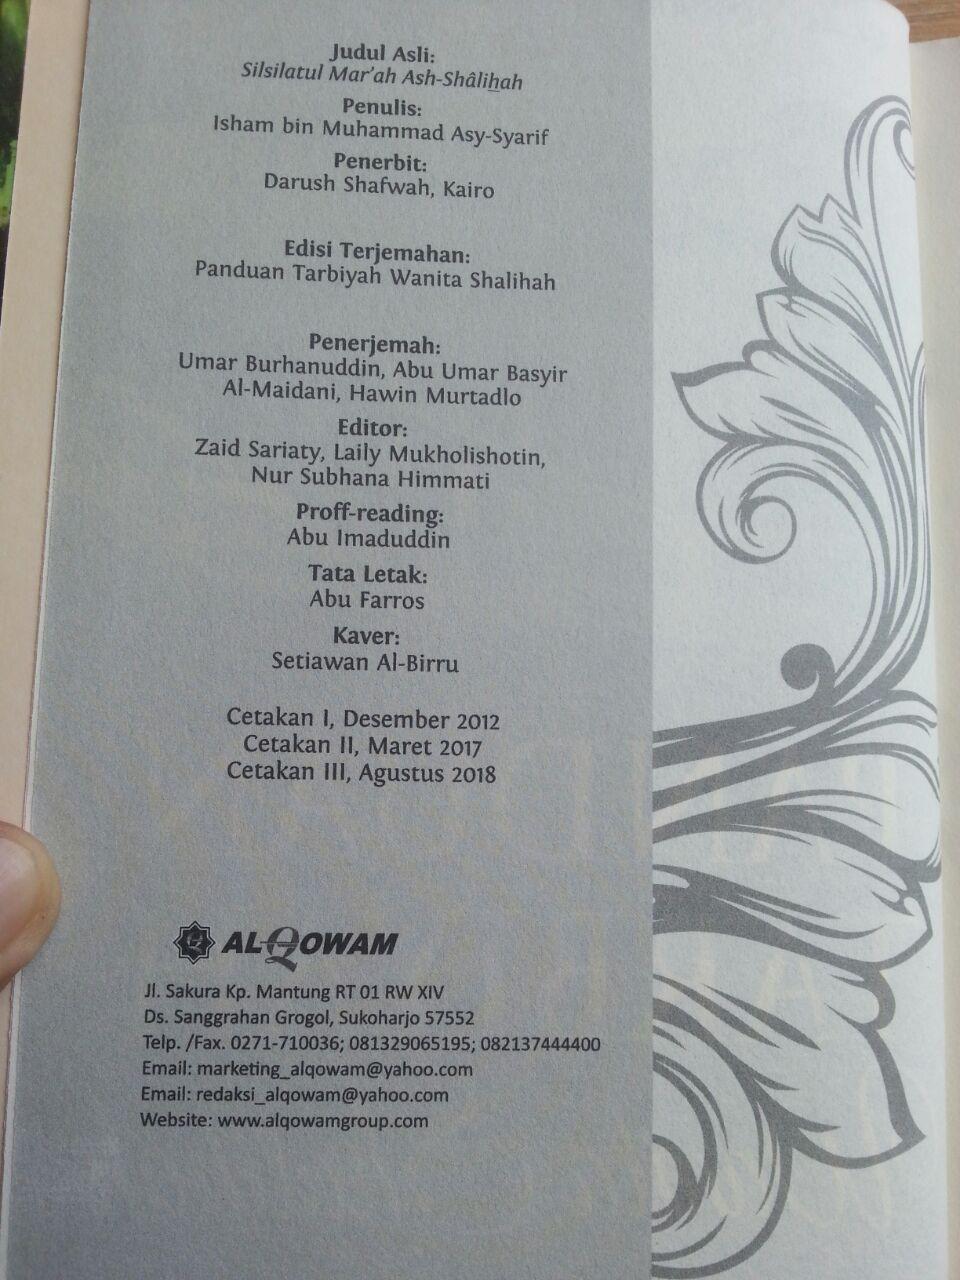 Buku Panduan Tarbiyah Wanita Shalihah isi 3